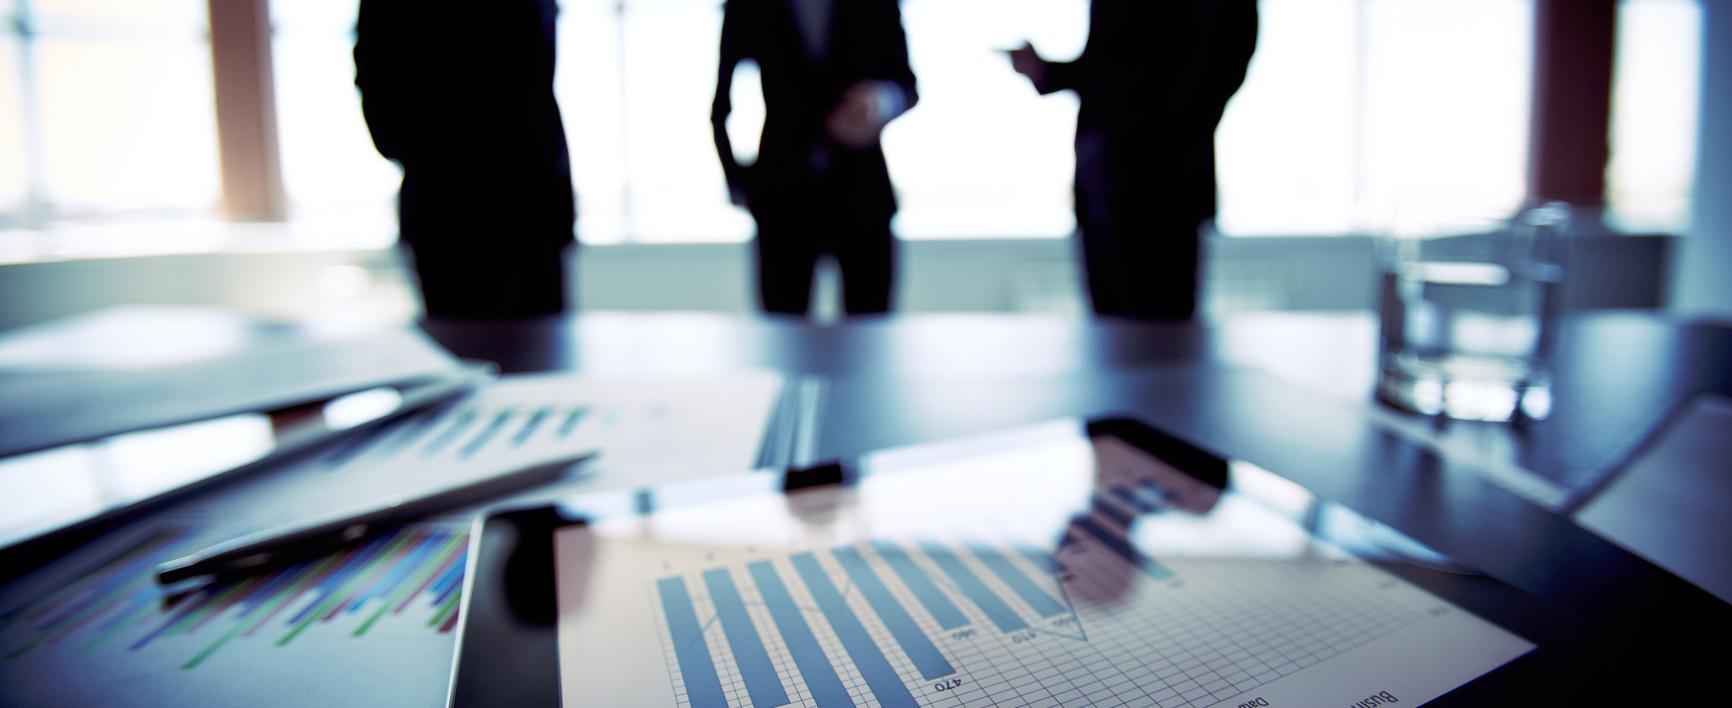 لماذا يغيب التخطيط التنفيذي ؟